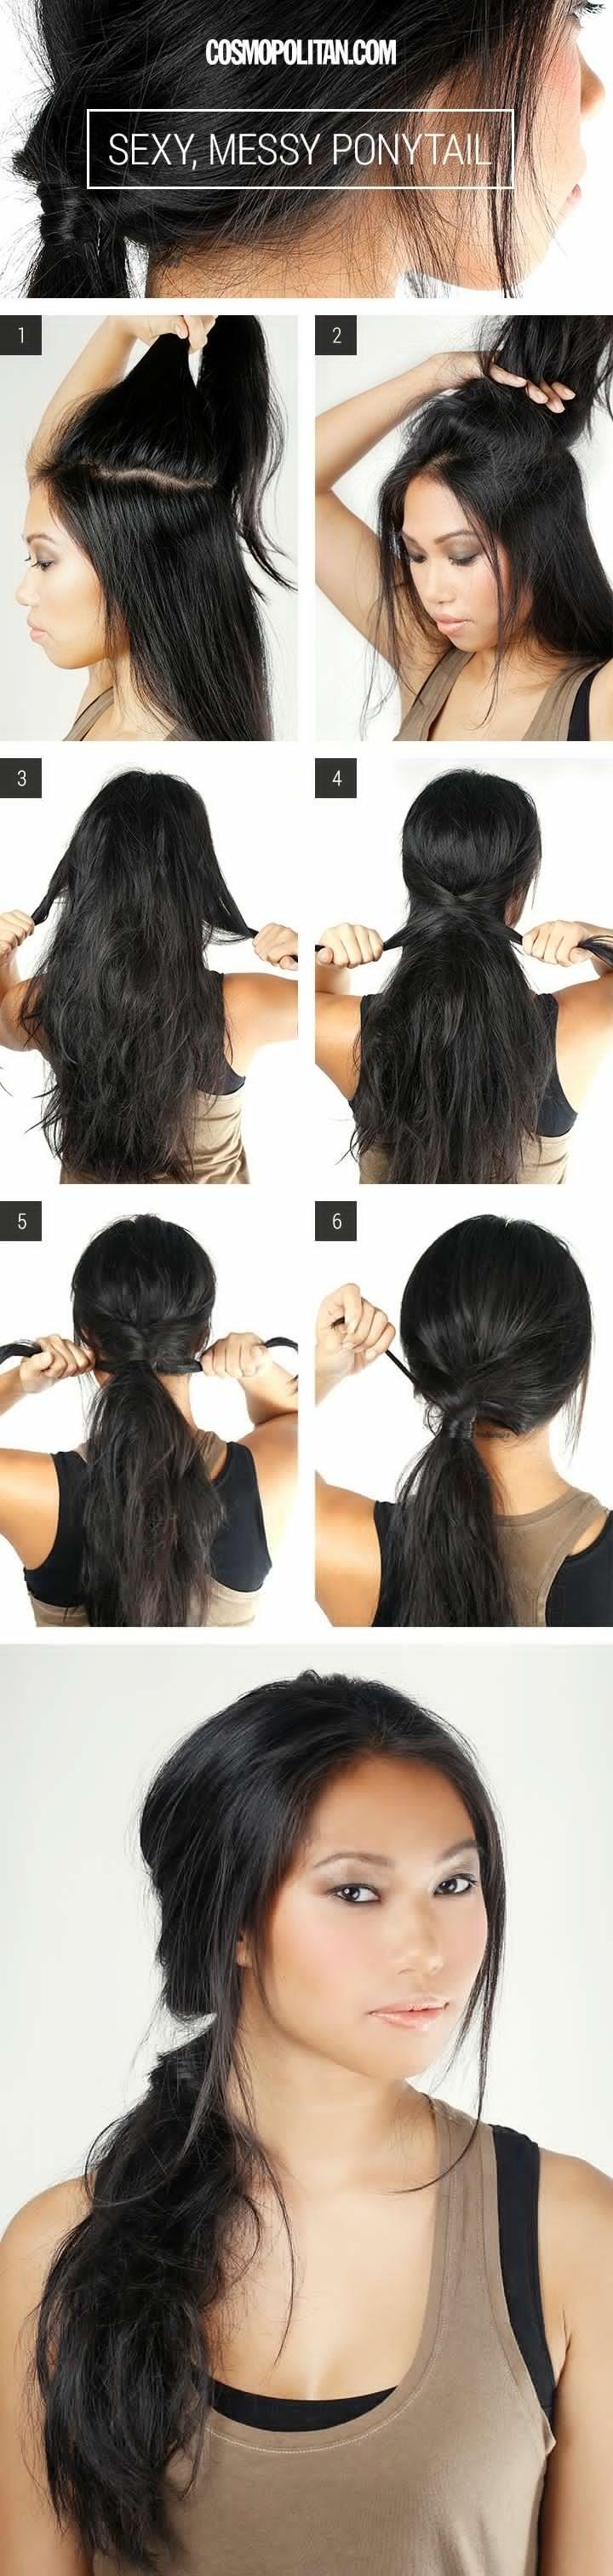 essayer des coiffures gratuitement Ne manquez plus nos astuces, buzz, bons plans et dernières tendances en les recevant par mail.